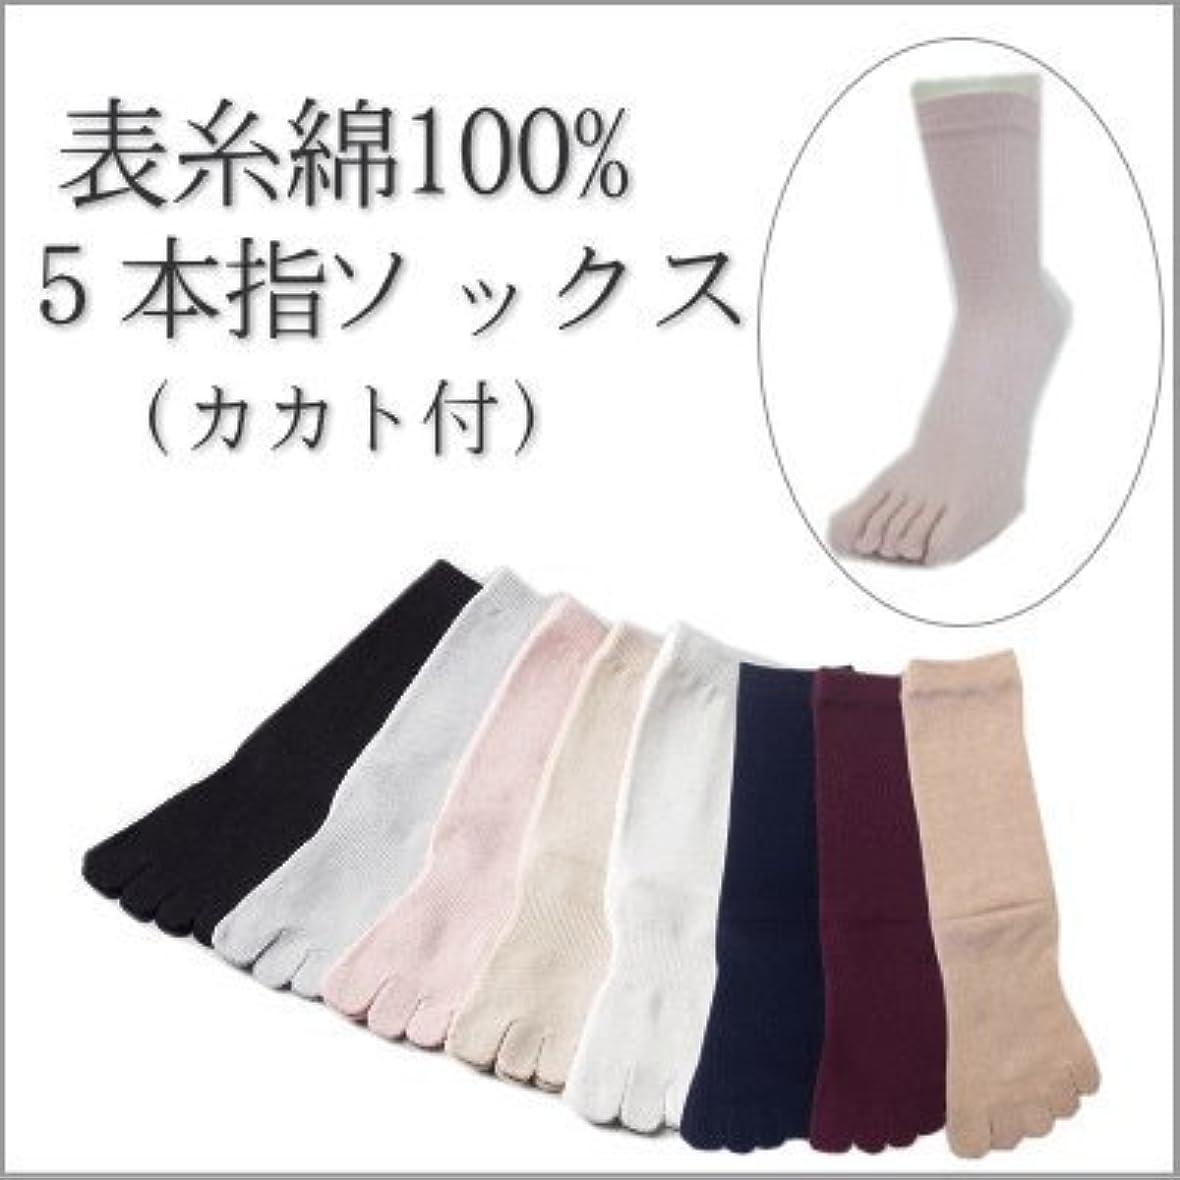 立派なマウンドホース女性用 5本指 ソックス 抗菌防臭 加工 綿100%糸使用 老舗 靴下 メーカーのこだわり 23-25cm 太陽ニット 320(ホワイト)